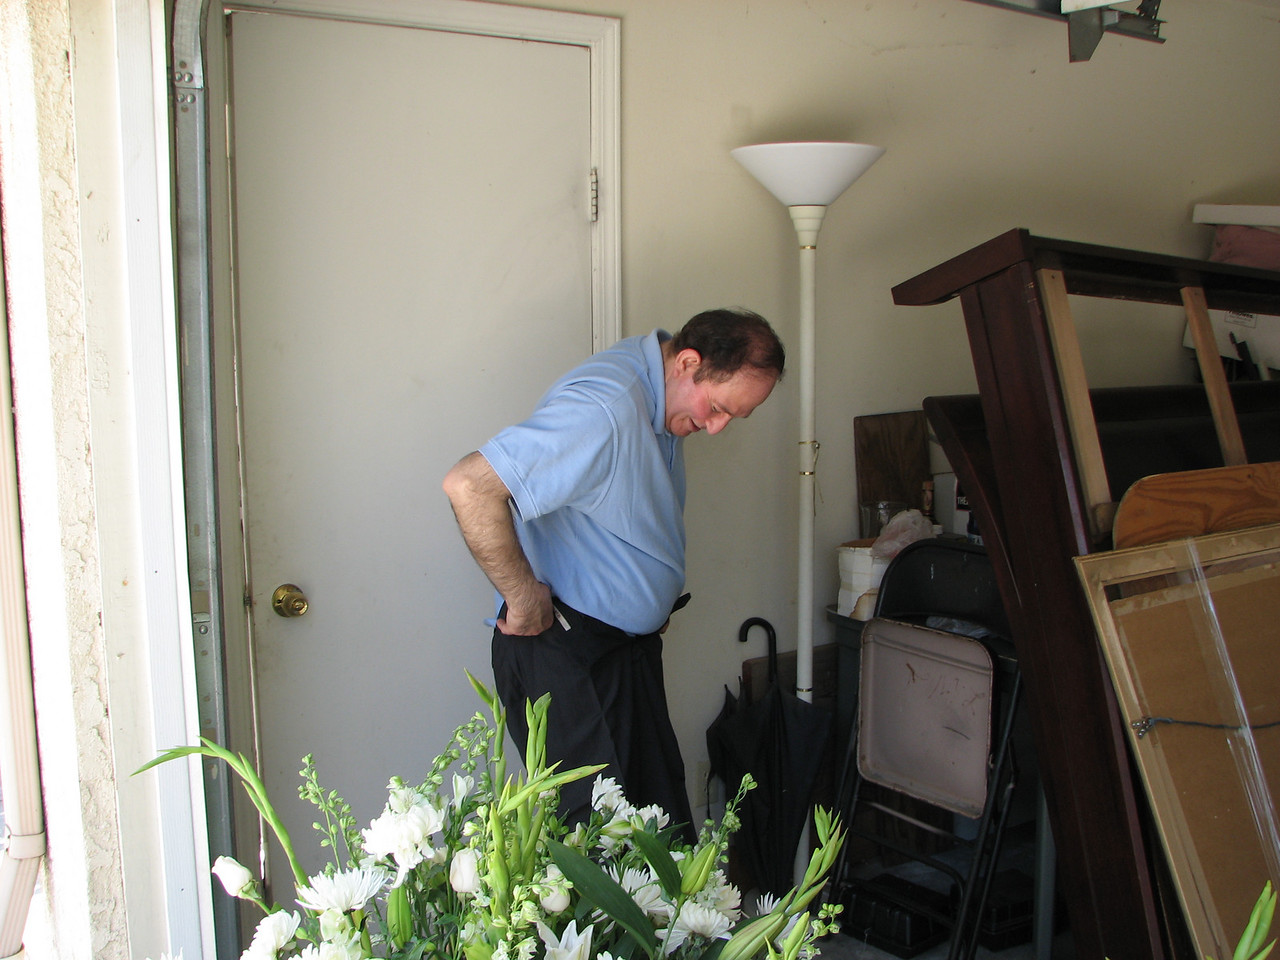 2007 06 09 Sat - Moe's changing room 1